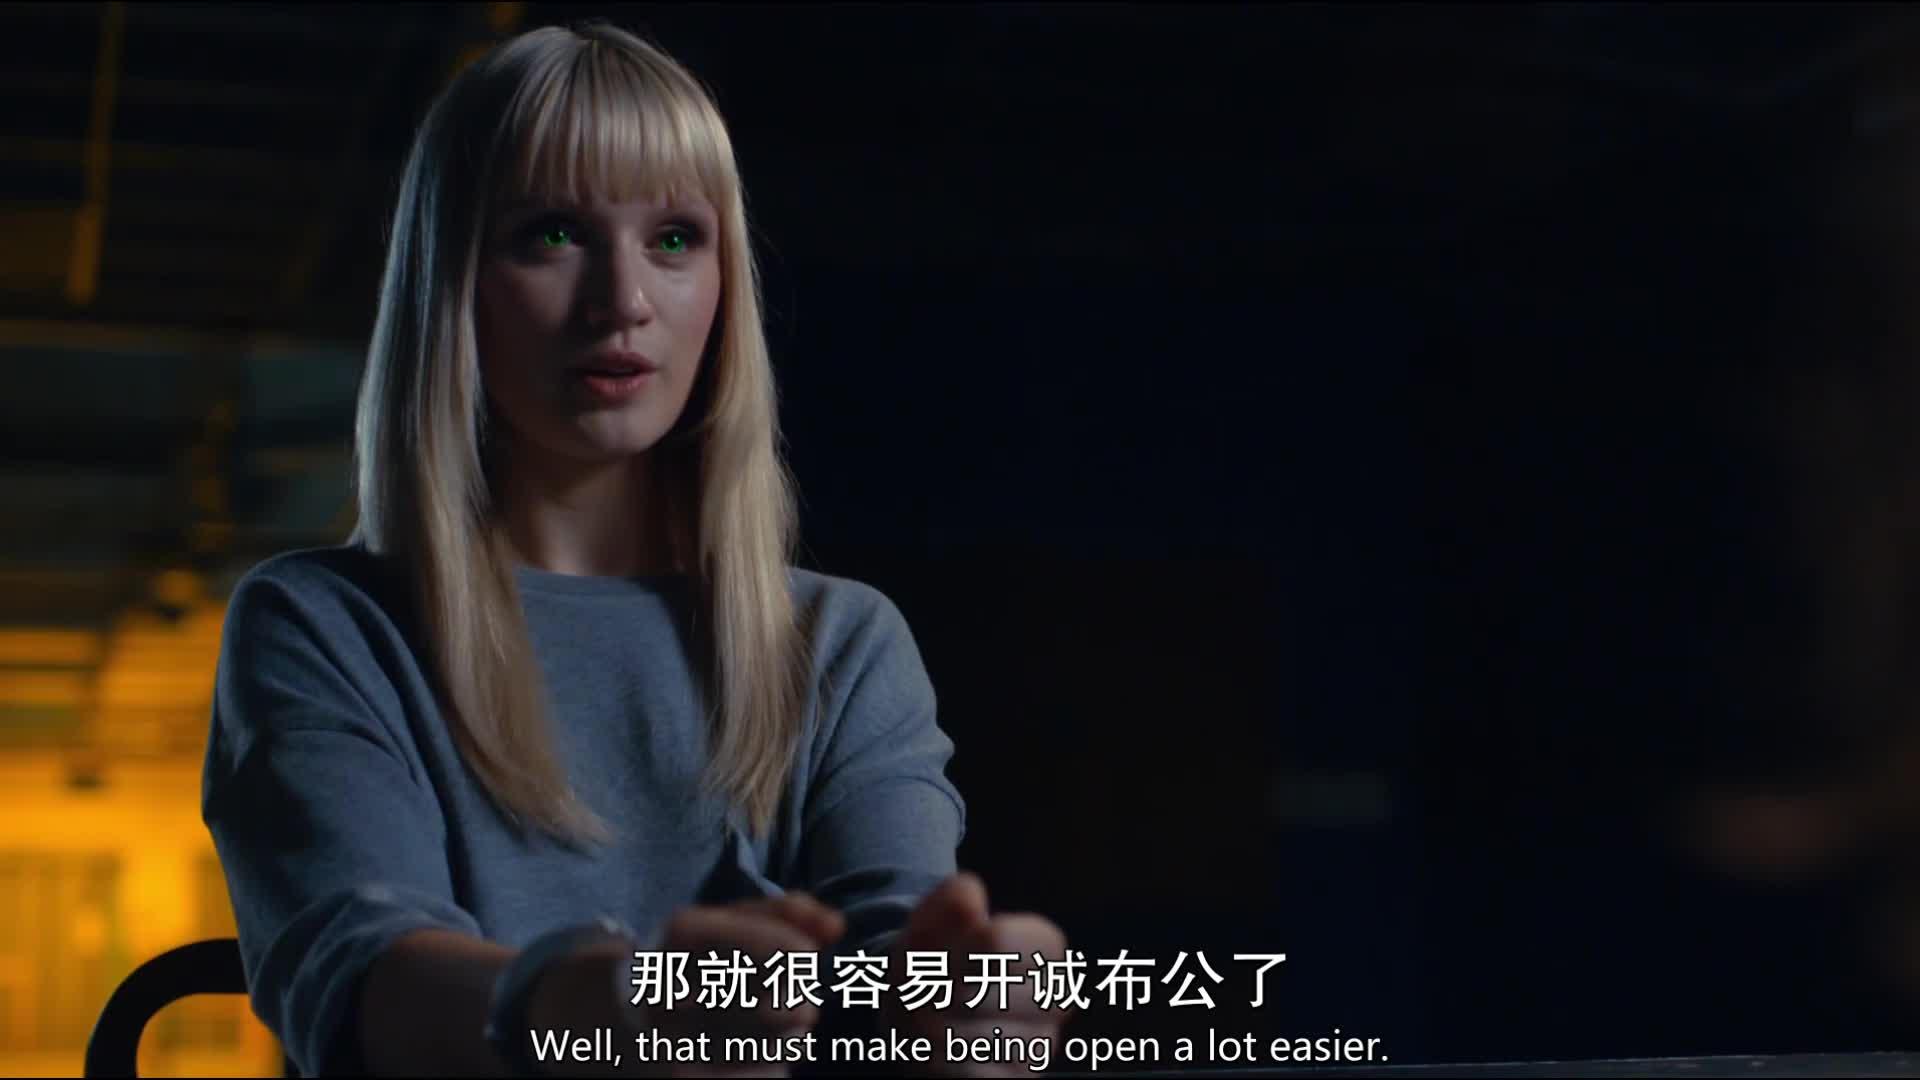 相爱的两人,竟然发现另一个是机器人,失望分手